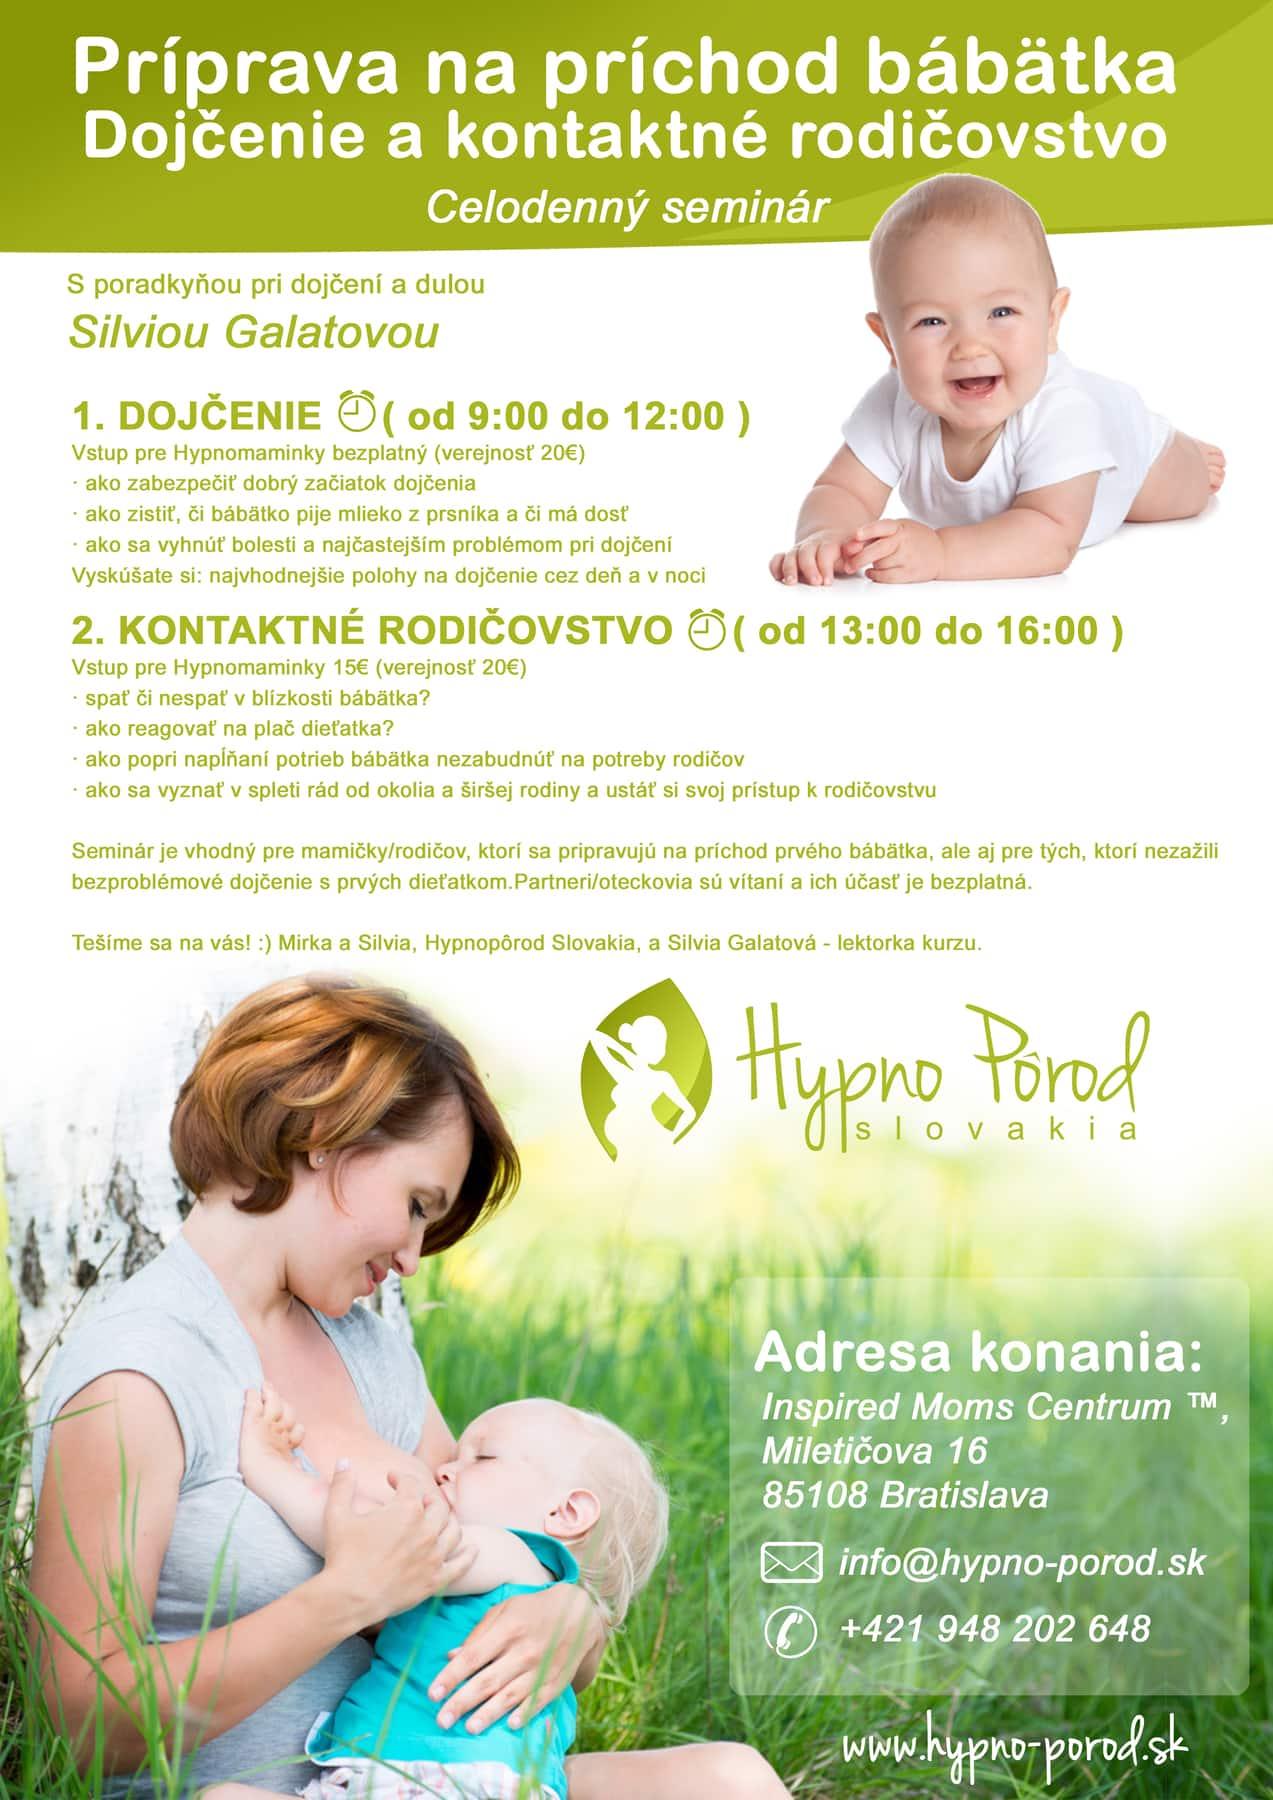 Dojcenie a kontaktne rodicovstvo